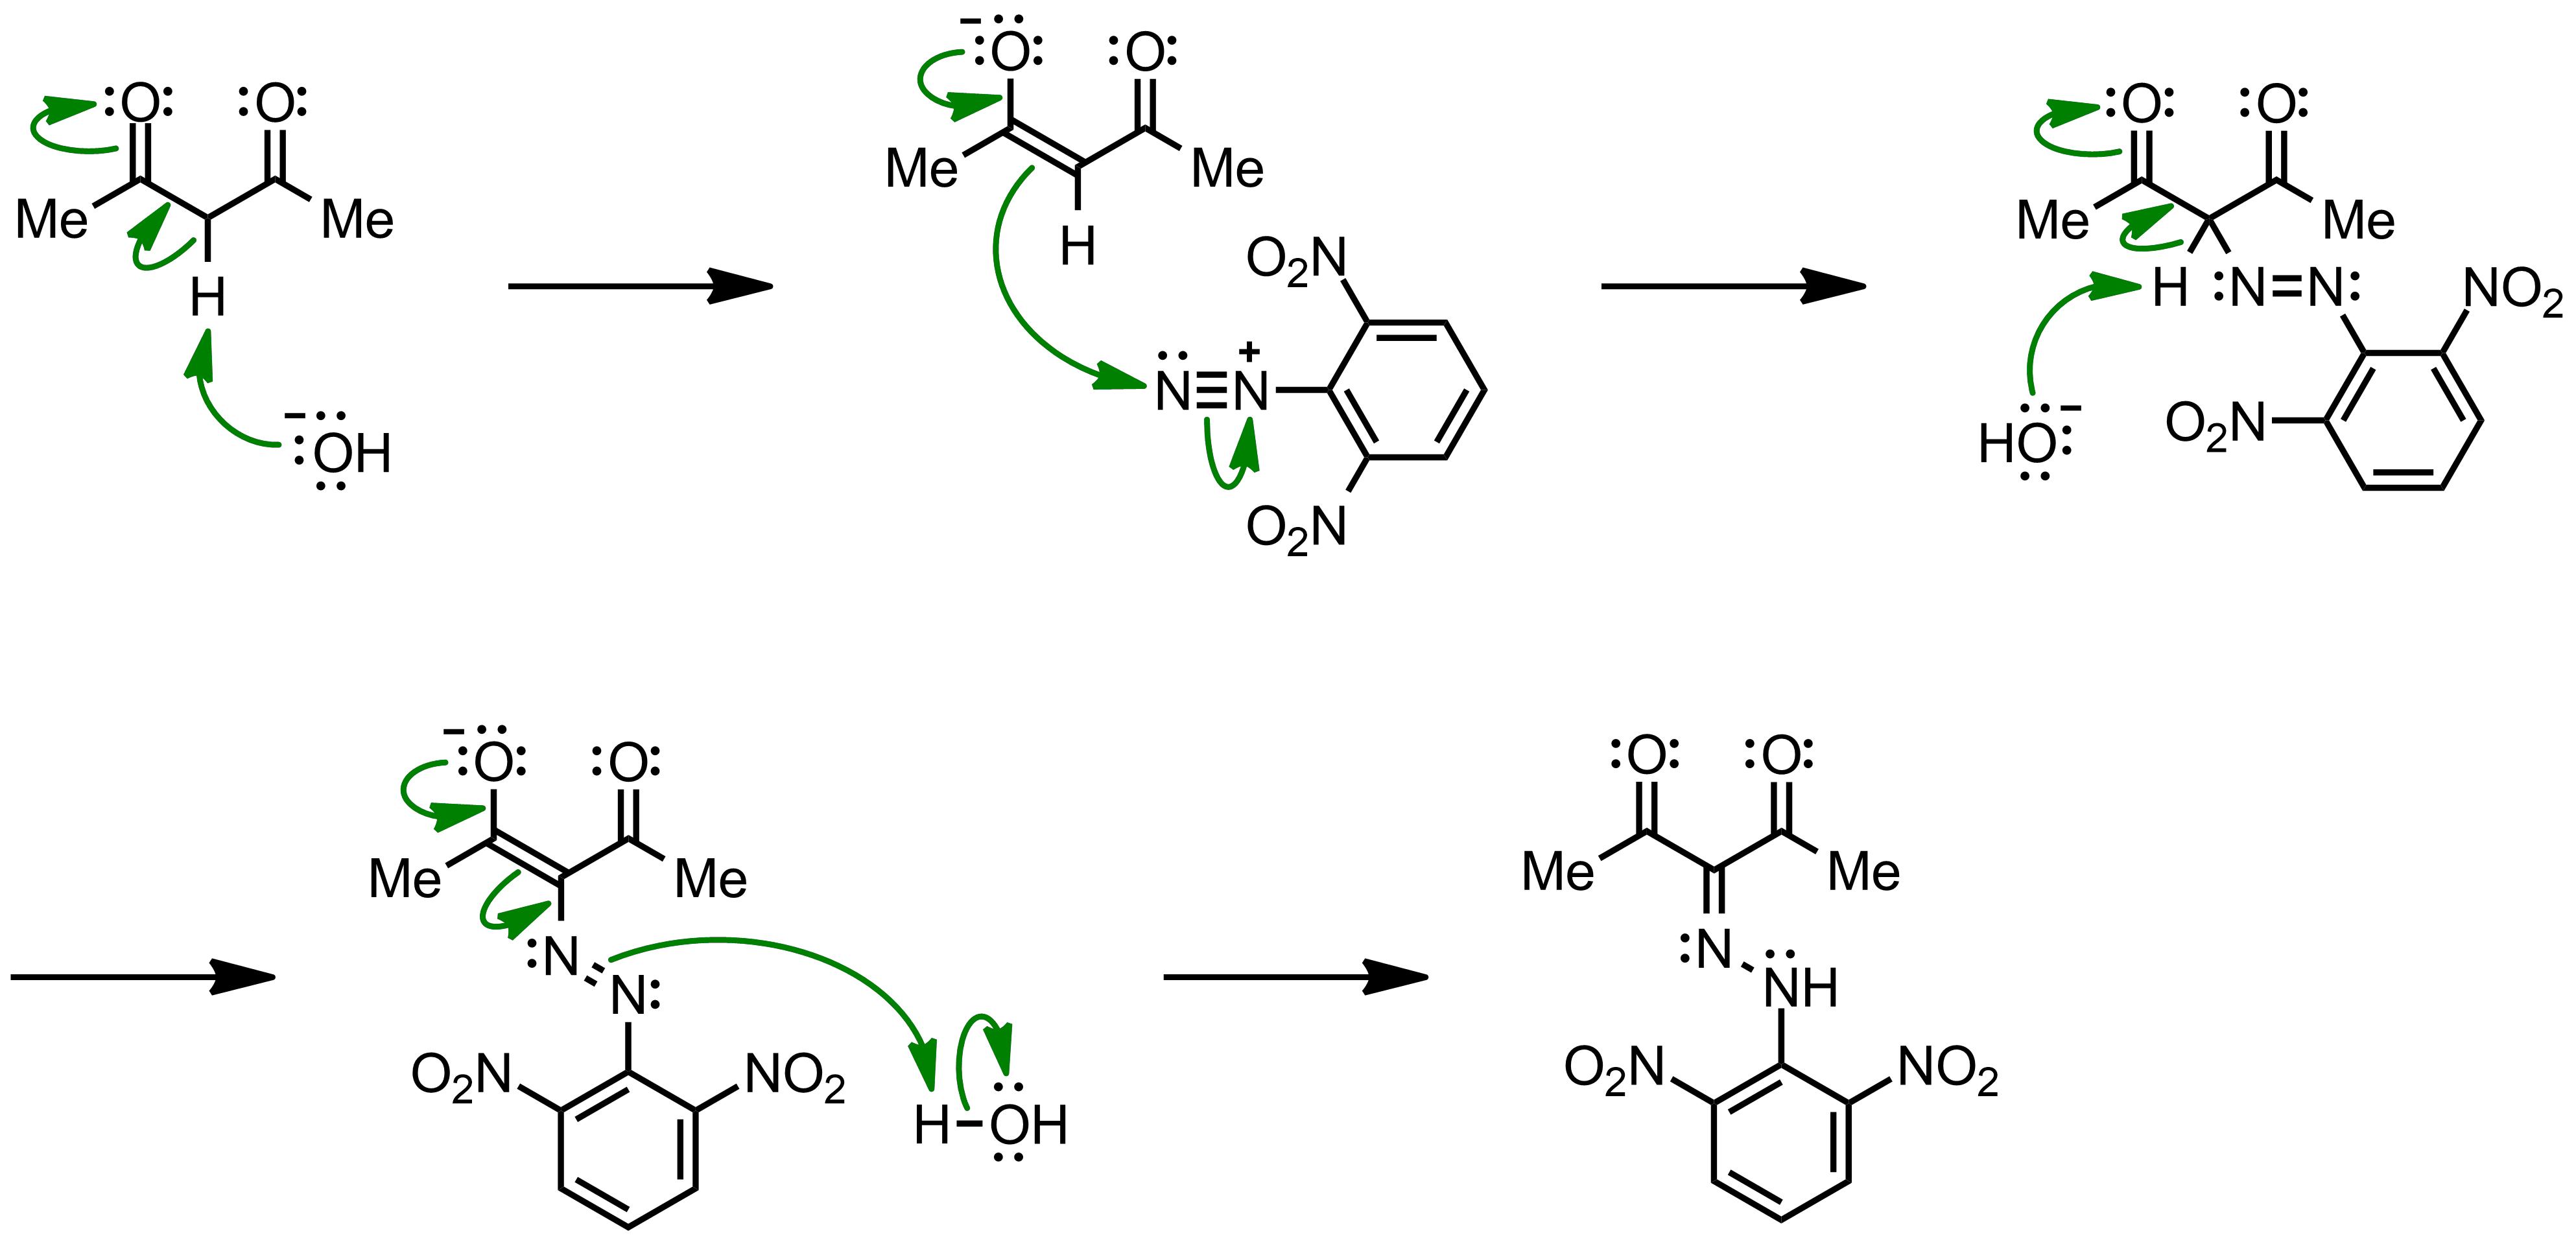 Mechanism of the Japp-Klingemann Reaction